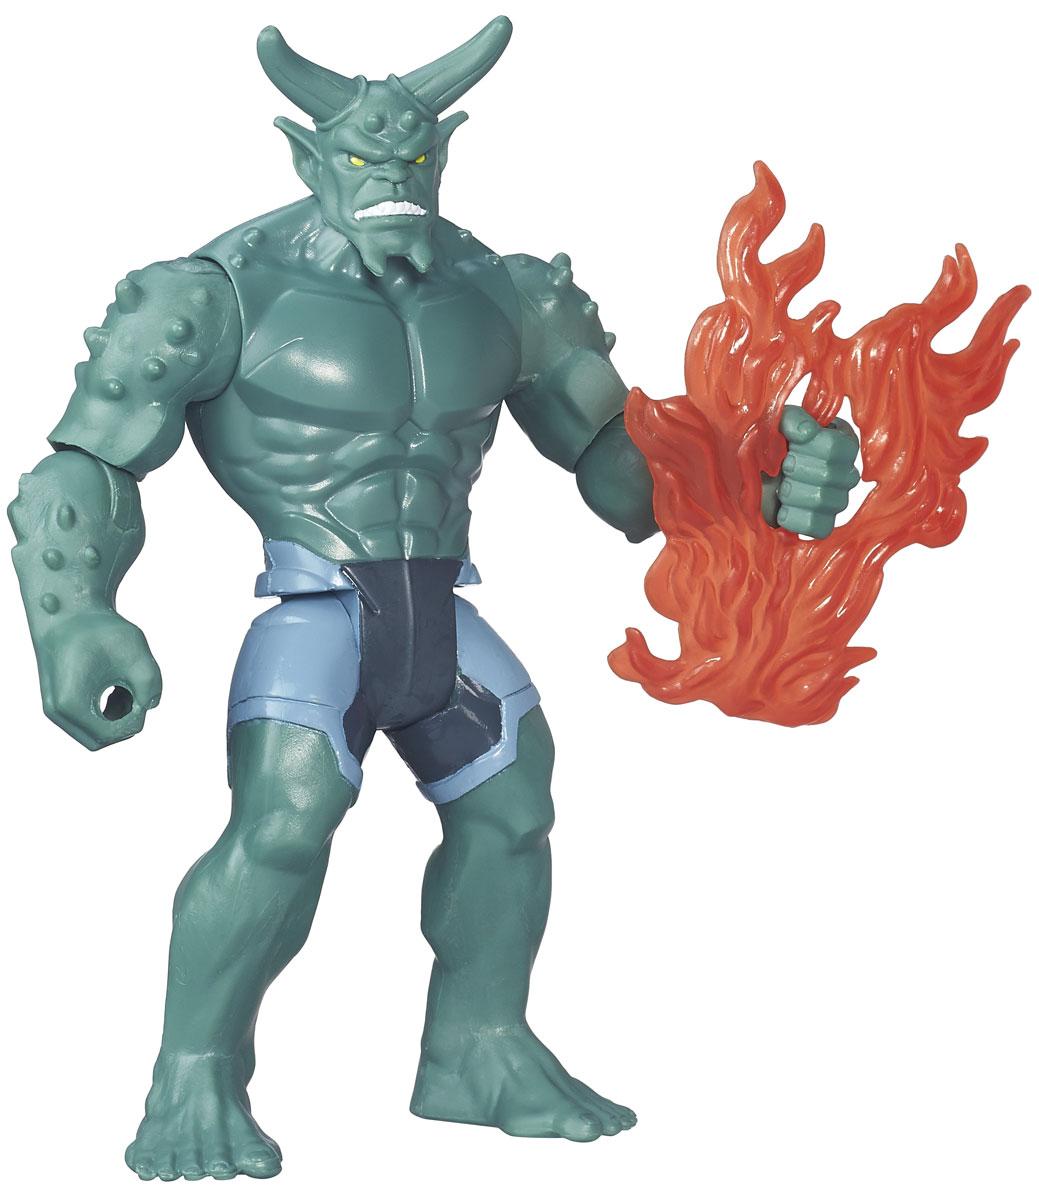 Spider-Man Фигурка Green Goblin B5875B5758_B5875Зеленый гоблин (Green Goblin) - псевдоним, который носили несколько вымышленных суперзлодеев комиксов издательства Marvel. Зеленый гоблин является злодеем хэллоуинского типа, чье оружие напоминает летучих мышей и тыквенные фонари. Наравне с Доктором Осьминогом, он заклятый враг супергероя Человека-паука. Фигурка Spider-Man Green Goblin станет прекрасным подарком для вашего ребенка. Она выполнена из прочного яркого пластика в виде Зеленого гоблина. Голова, руки и ноги фигурки подвижны, что позволит придавать ей различные позы. Также в наборе имеется оружие персонажа. Ваш ребенок будет часами играть с фигуркой, придумывая различные истории с участием этого героя.